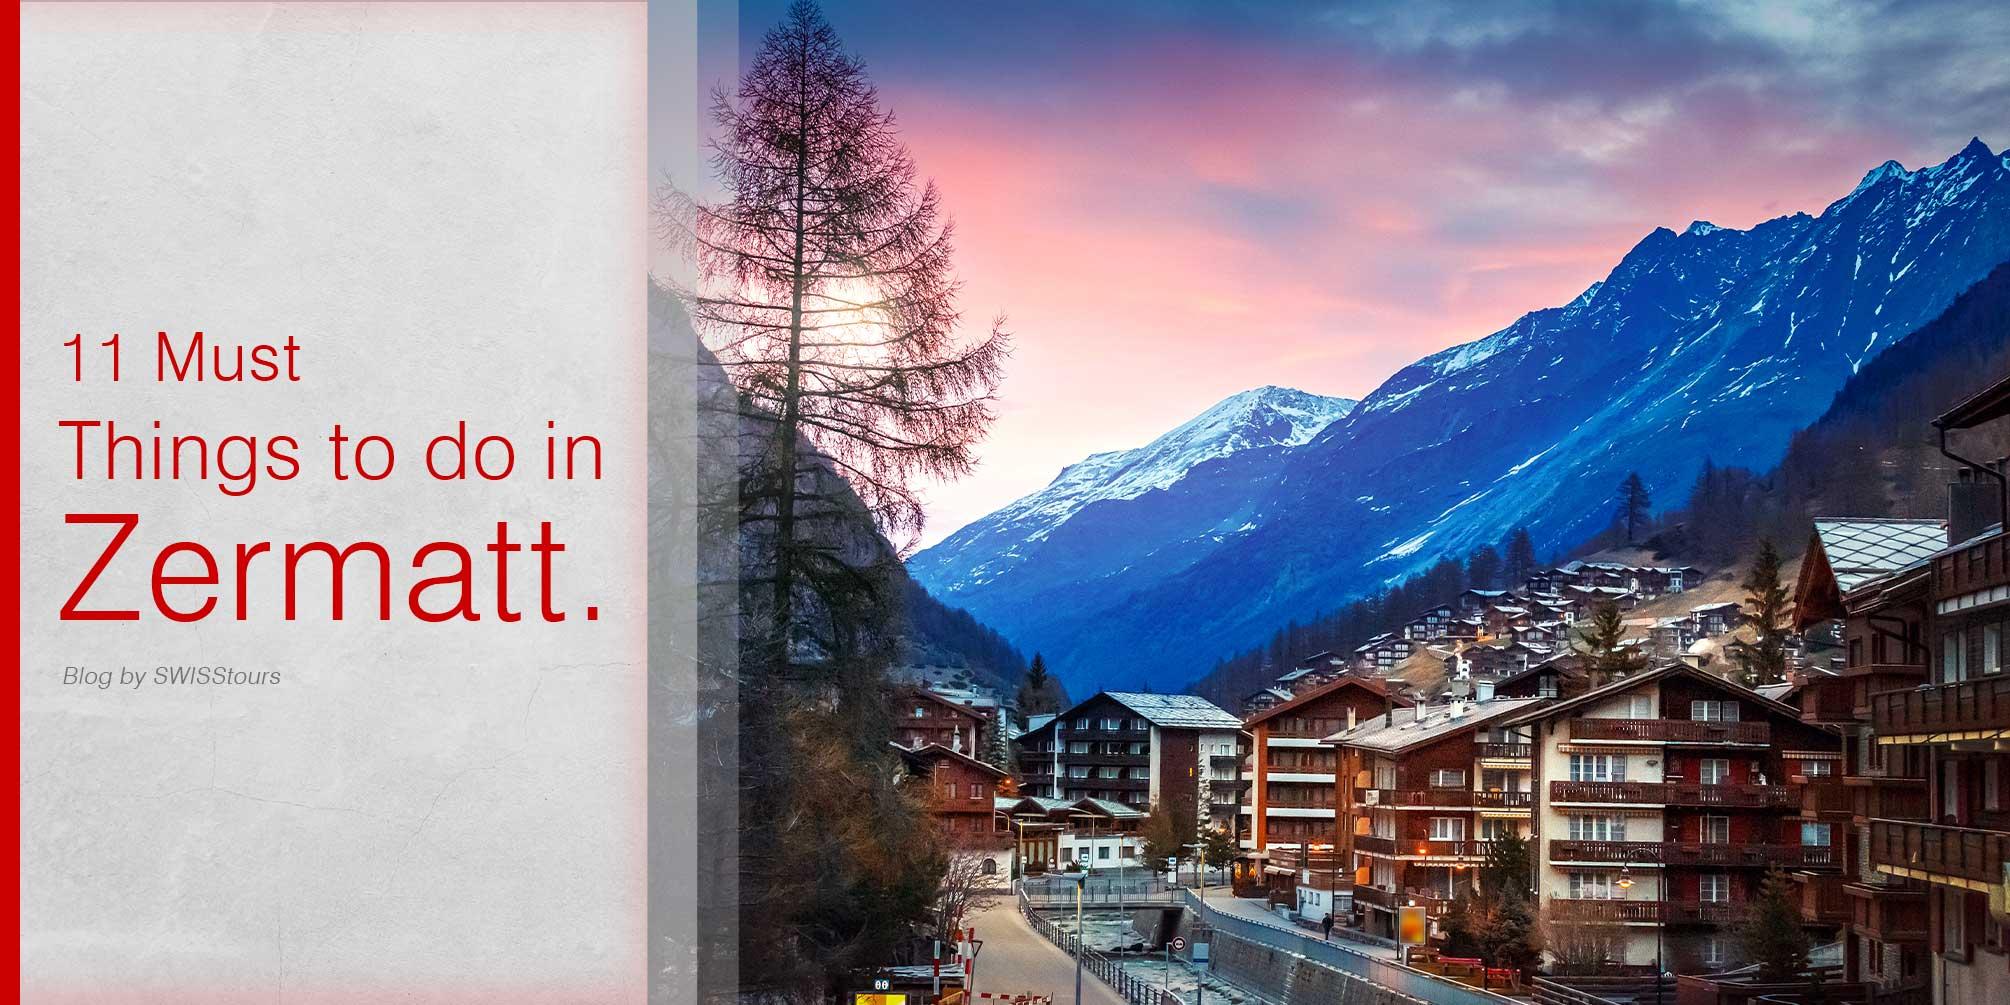 matterhorn, switzerland, and zermatt village image